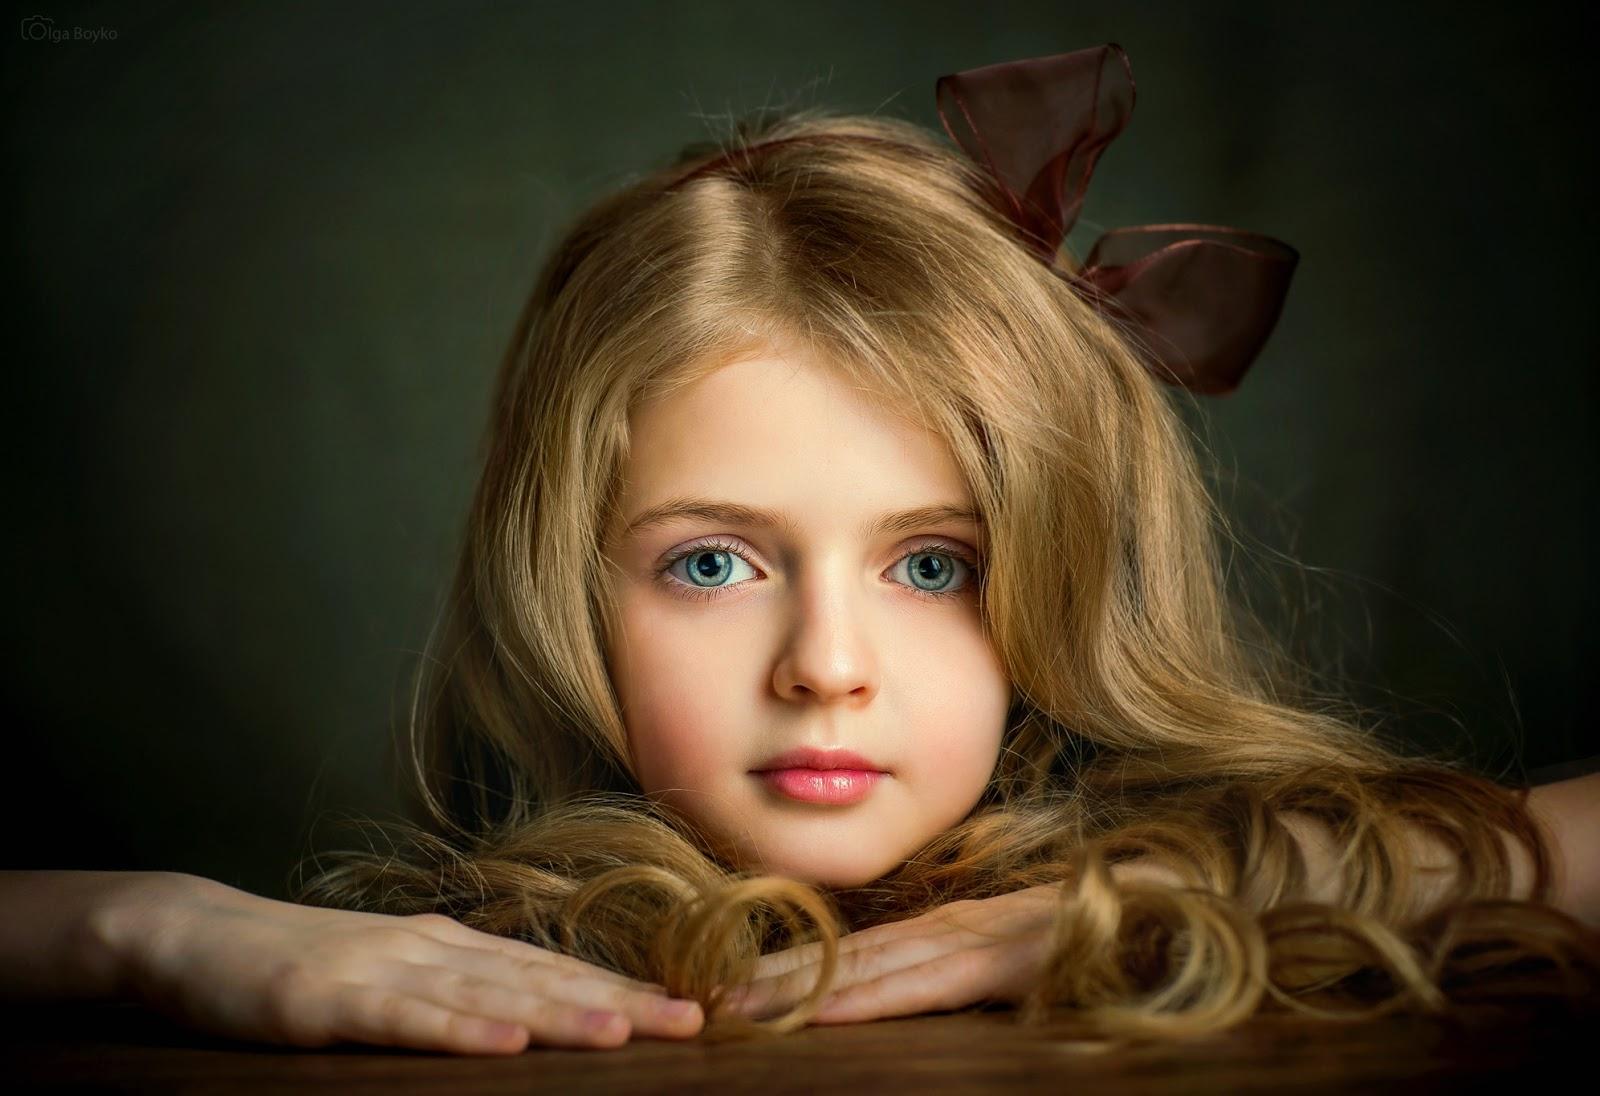 افضل زيت لتنعيم الشعر للاطفال دكتور حاتم فاروق دكتور حاتم فاروق